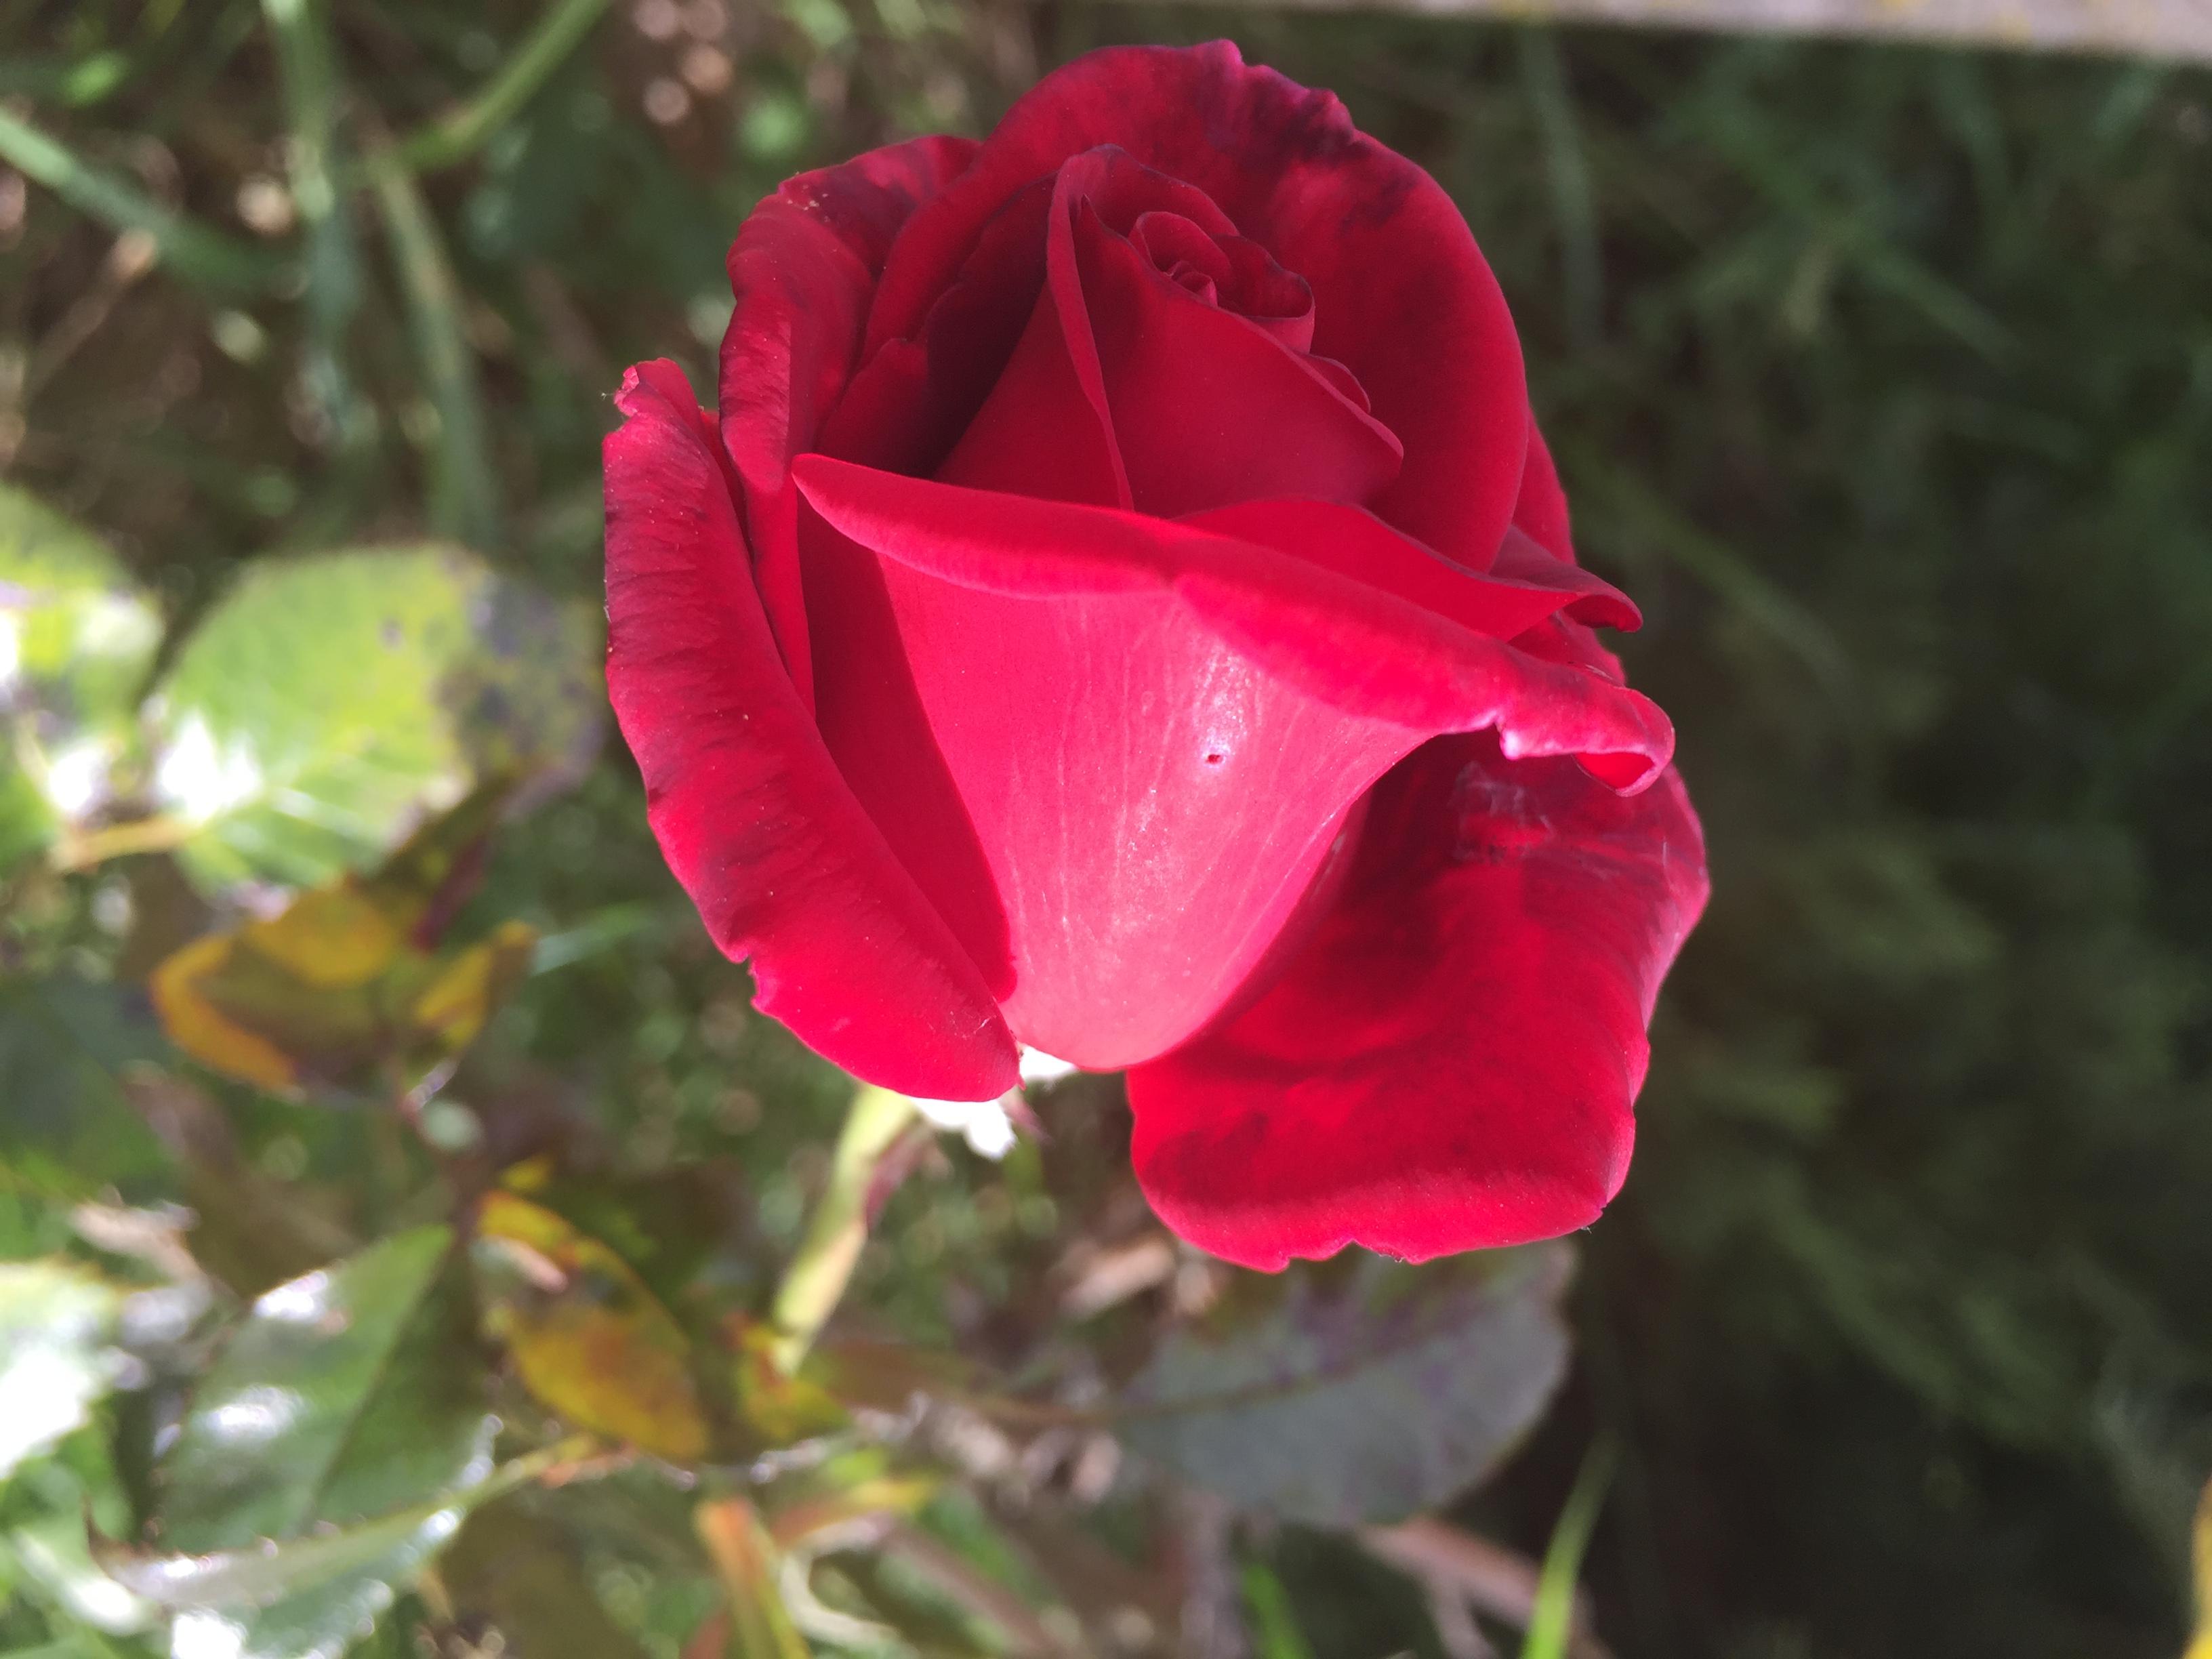 Les 3 plus belles roses du monde